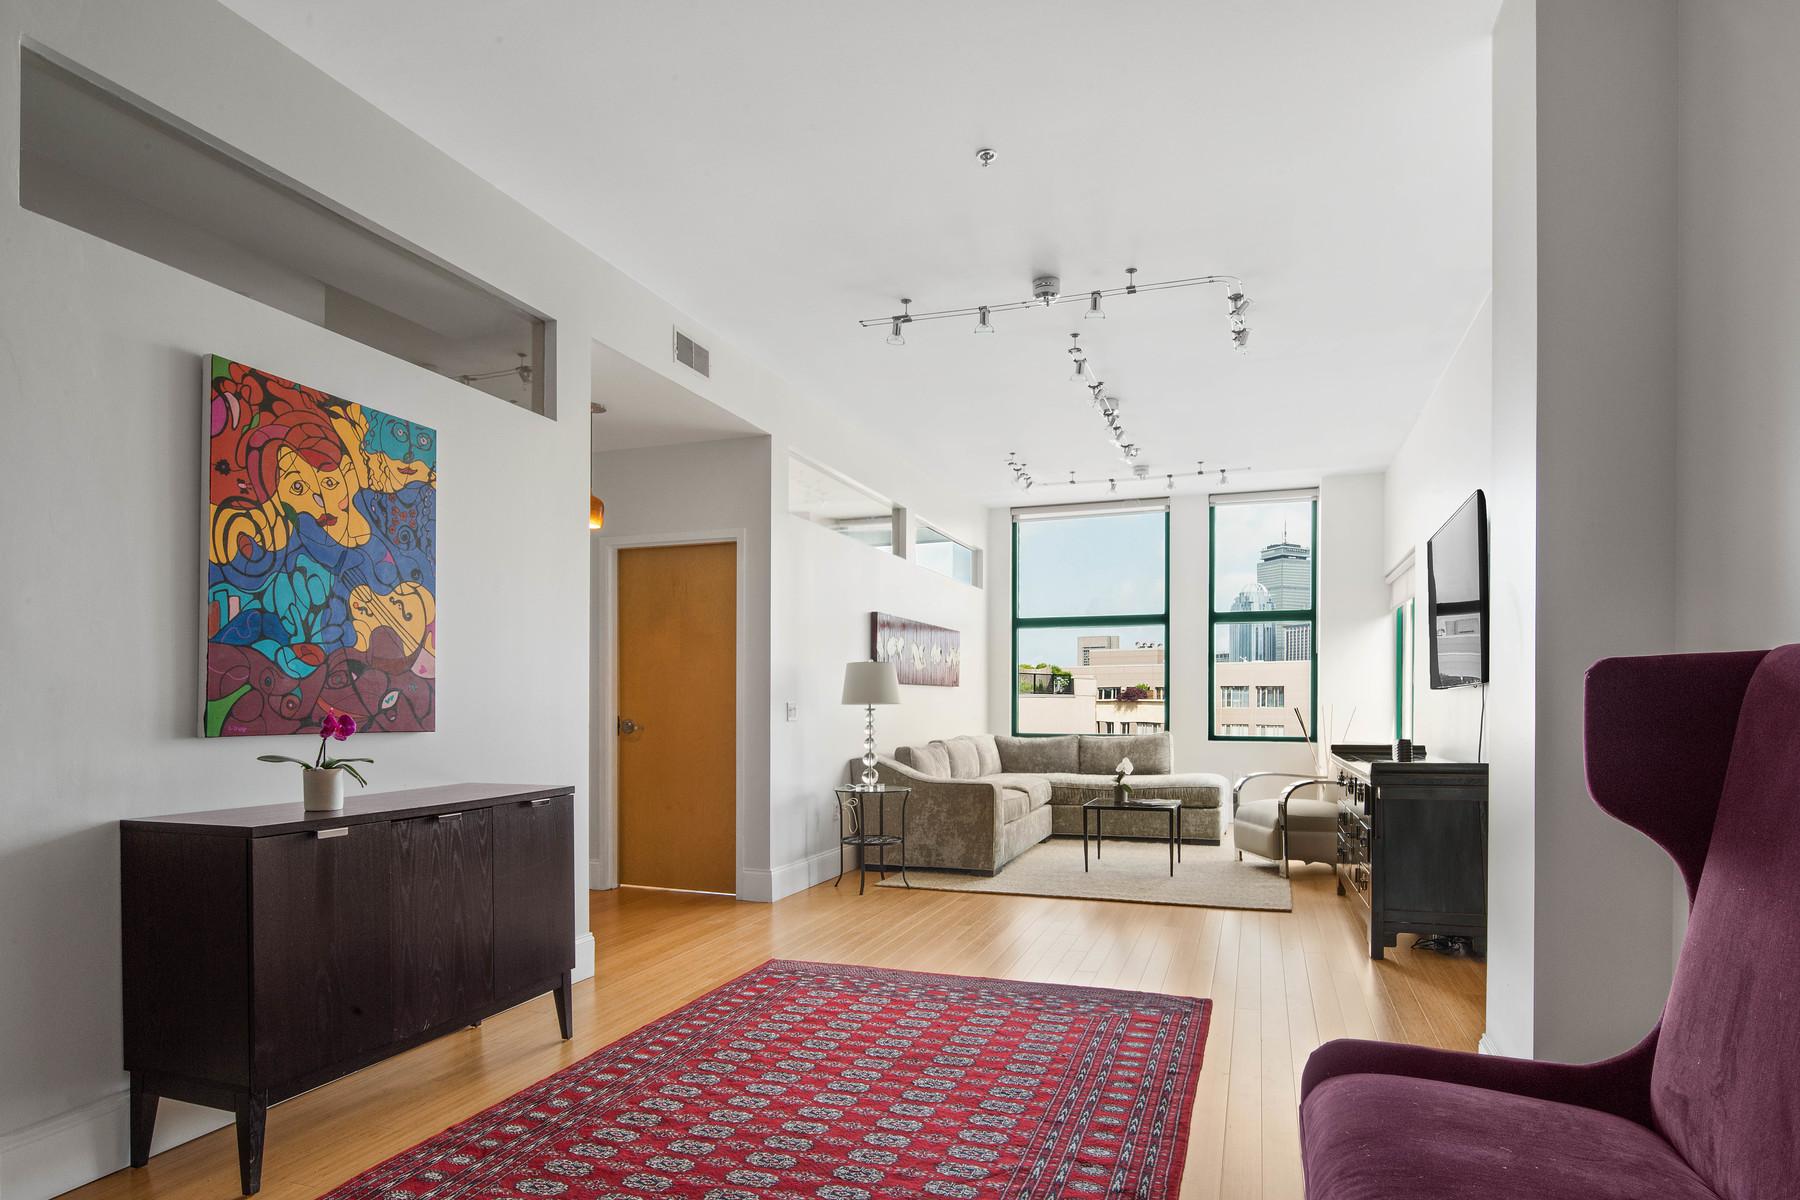 Кондоминиум для того Продажа на Harrison Lofts 485 Harrison Ave - Unit 502 Boston, Массачусетс, 02118 Соединенные Штаты